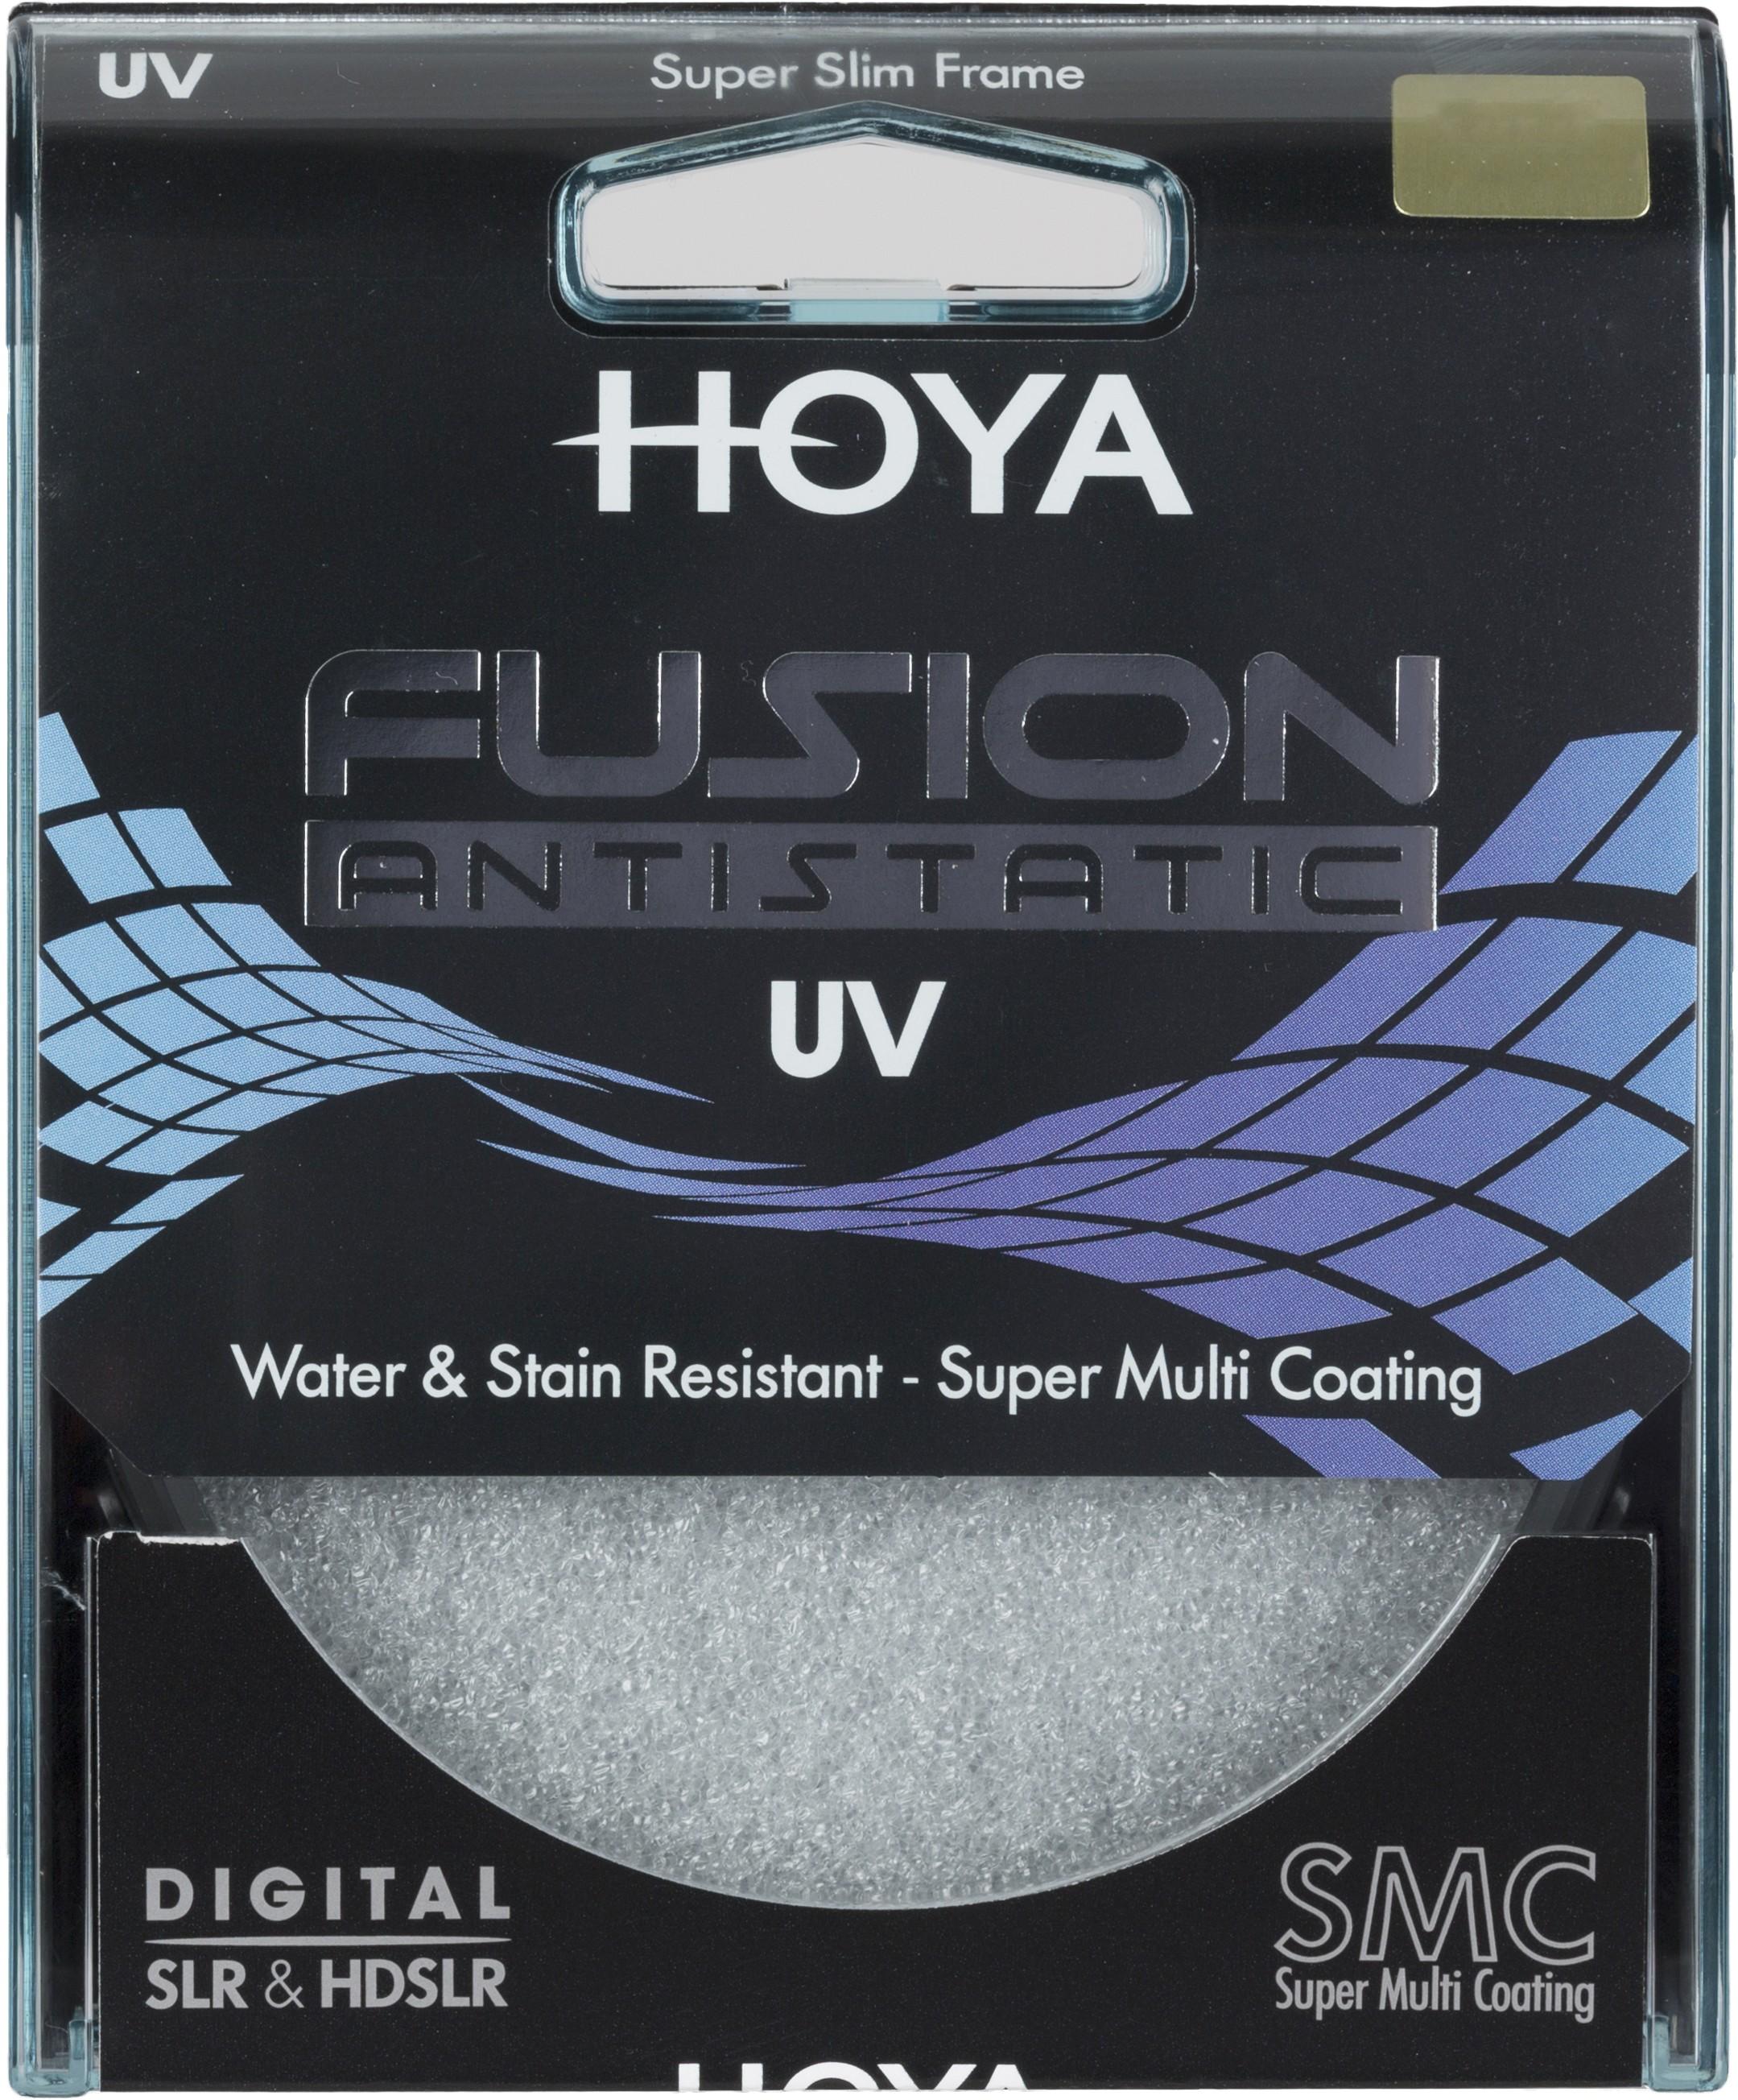 Hoya filter UV Fusion Antistatic 52mm